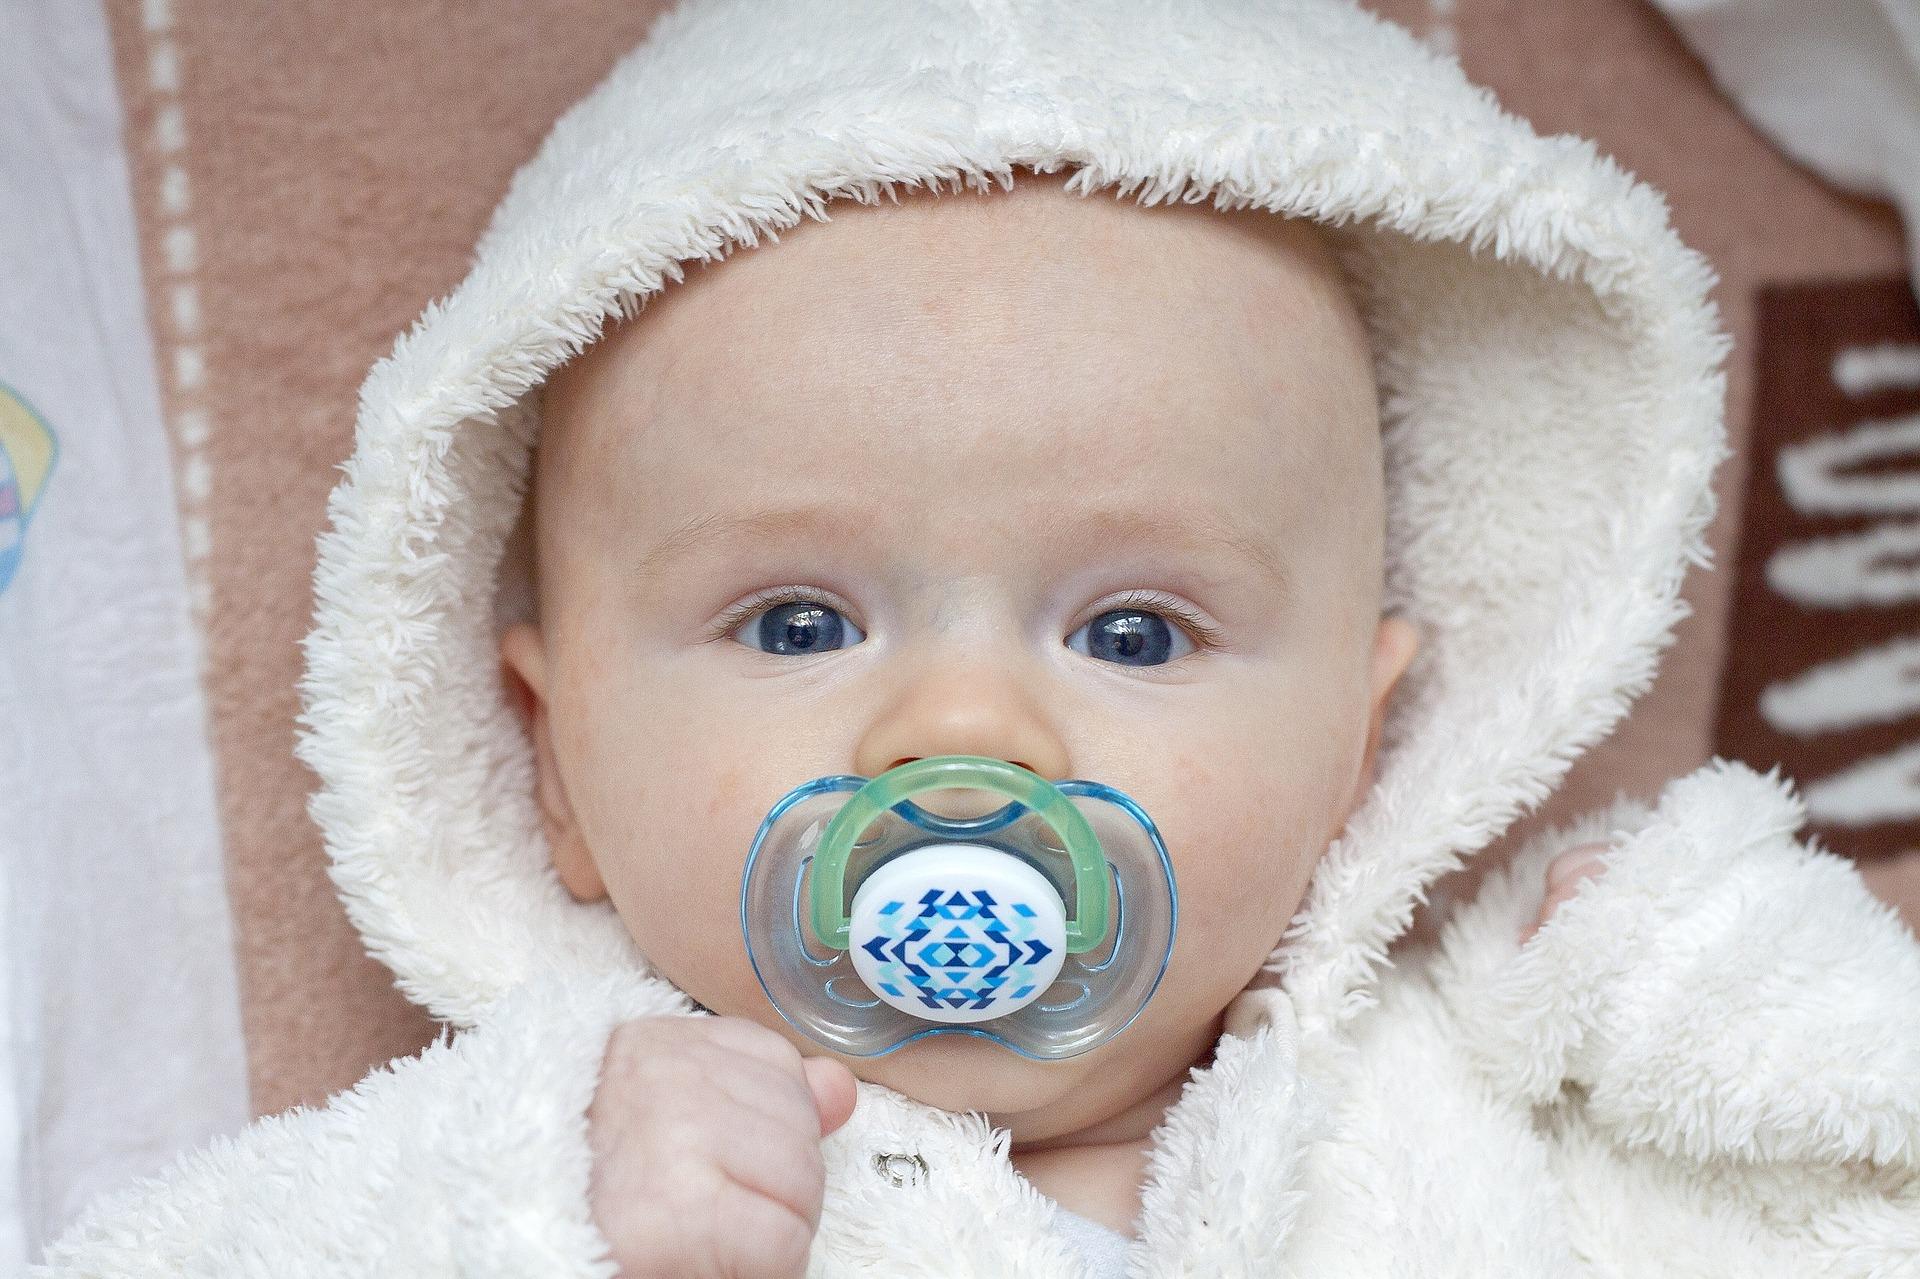 child-1506941_1920.jpg